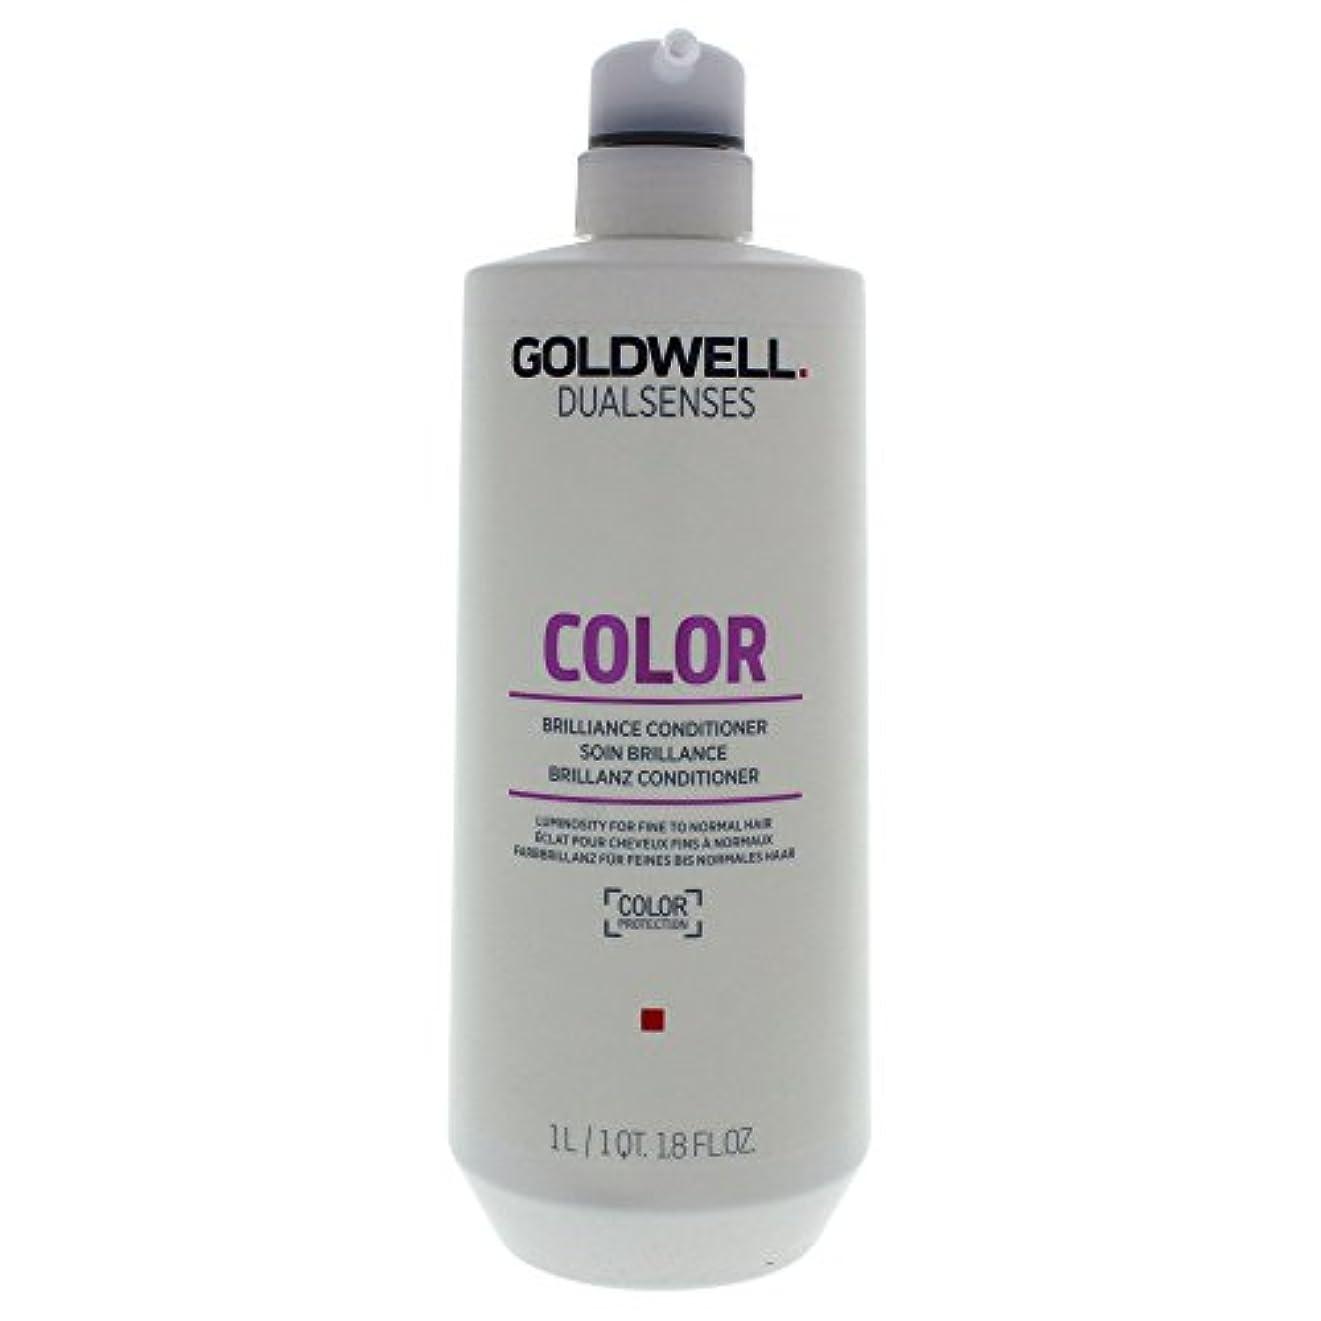 バイオレット倒産講堂ゴールドウェル Dual Senses Color Brilliance Conditioner (Luminosity For Fine to Normal Hair) 1000ml